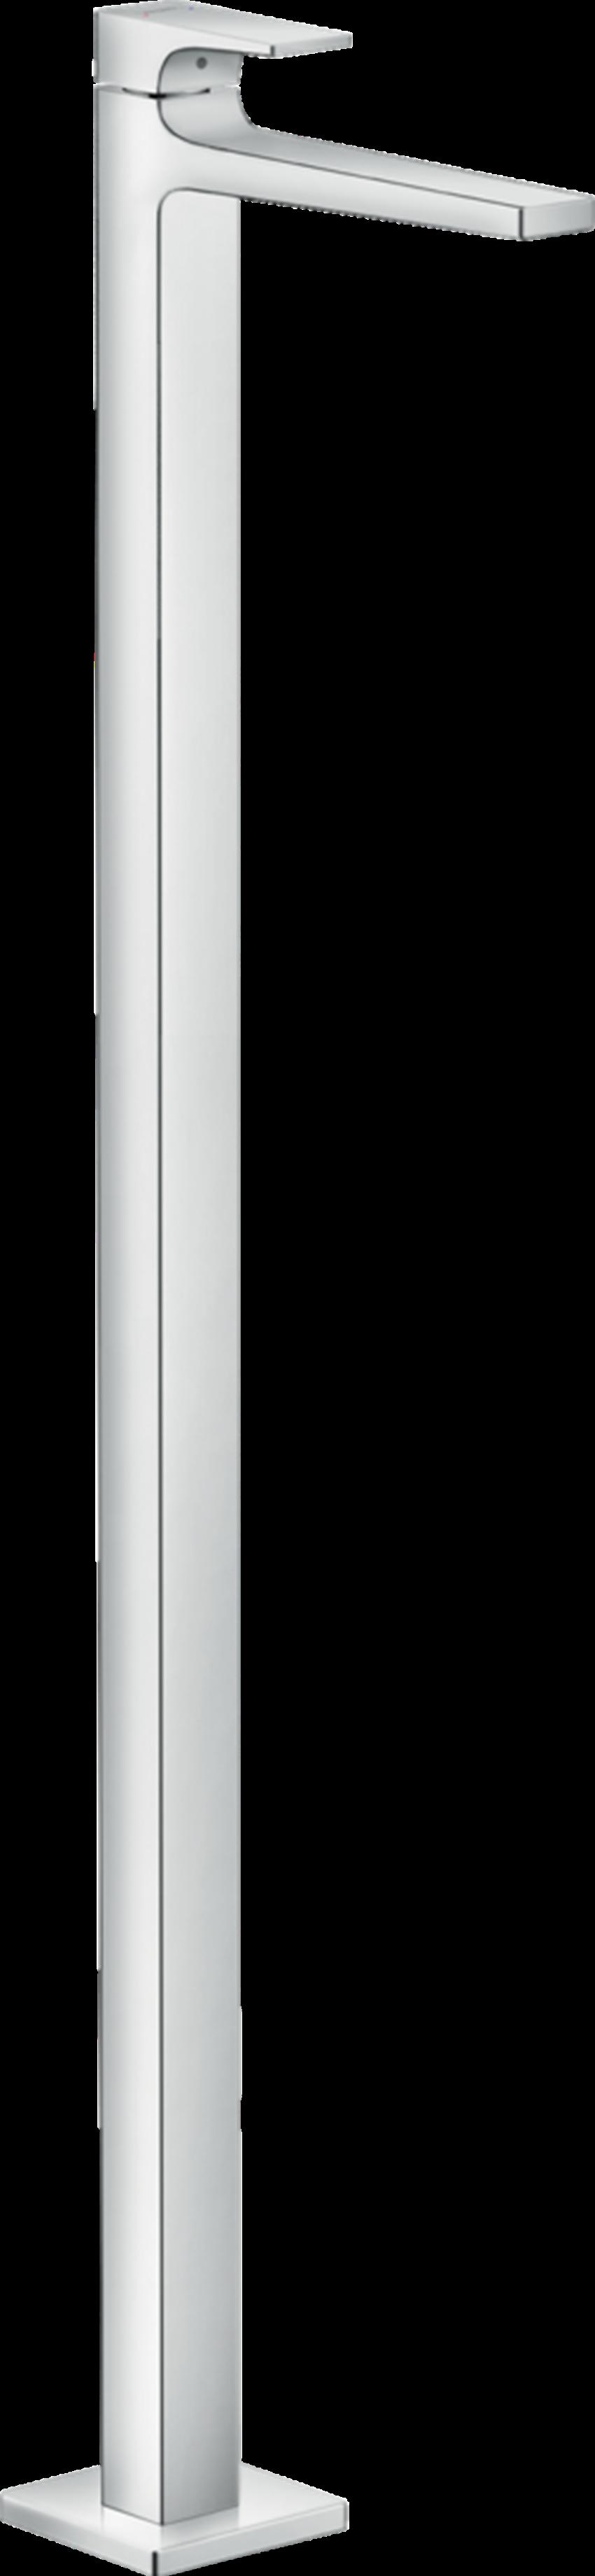 Jednouchwytowa bateria umywalkowa do montażu w podłodze Hansgrohe Metropol